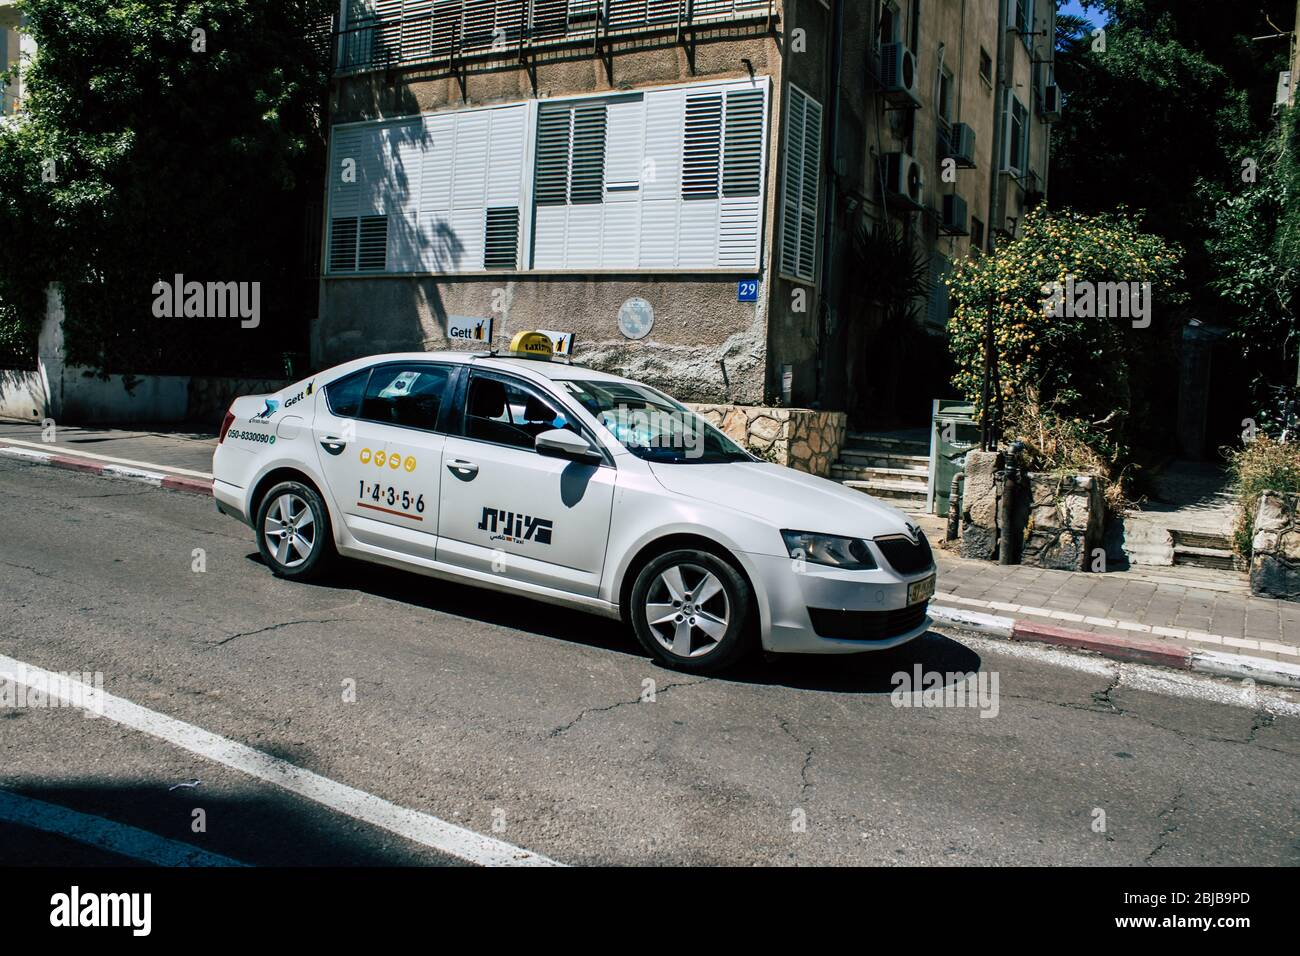 Tel Aviv Israel 28 de abril de 2020 Vista de un taxi israelí que rodaba en la calle Dizengoff en Tel Aviv por la tarde durante el brote de coronavirus Foto de stock